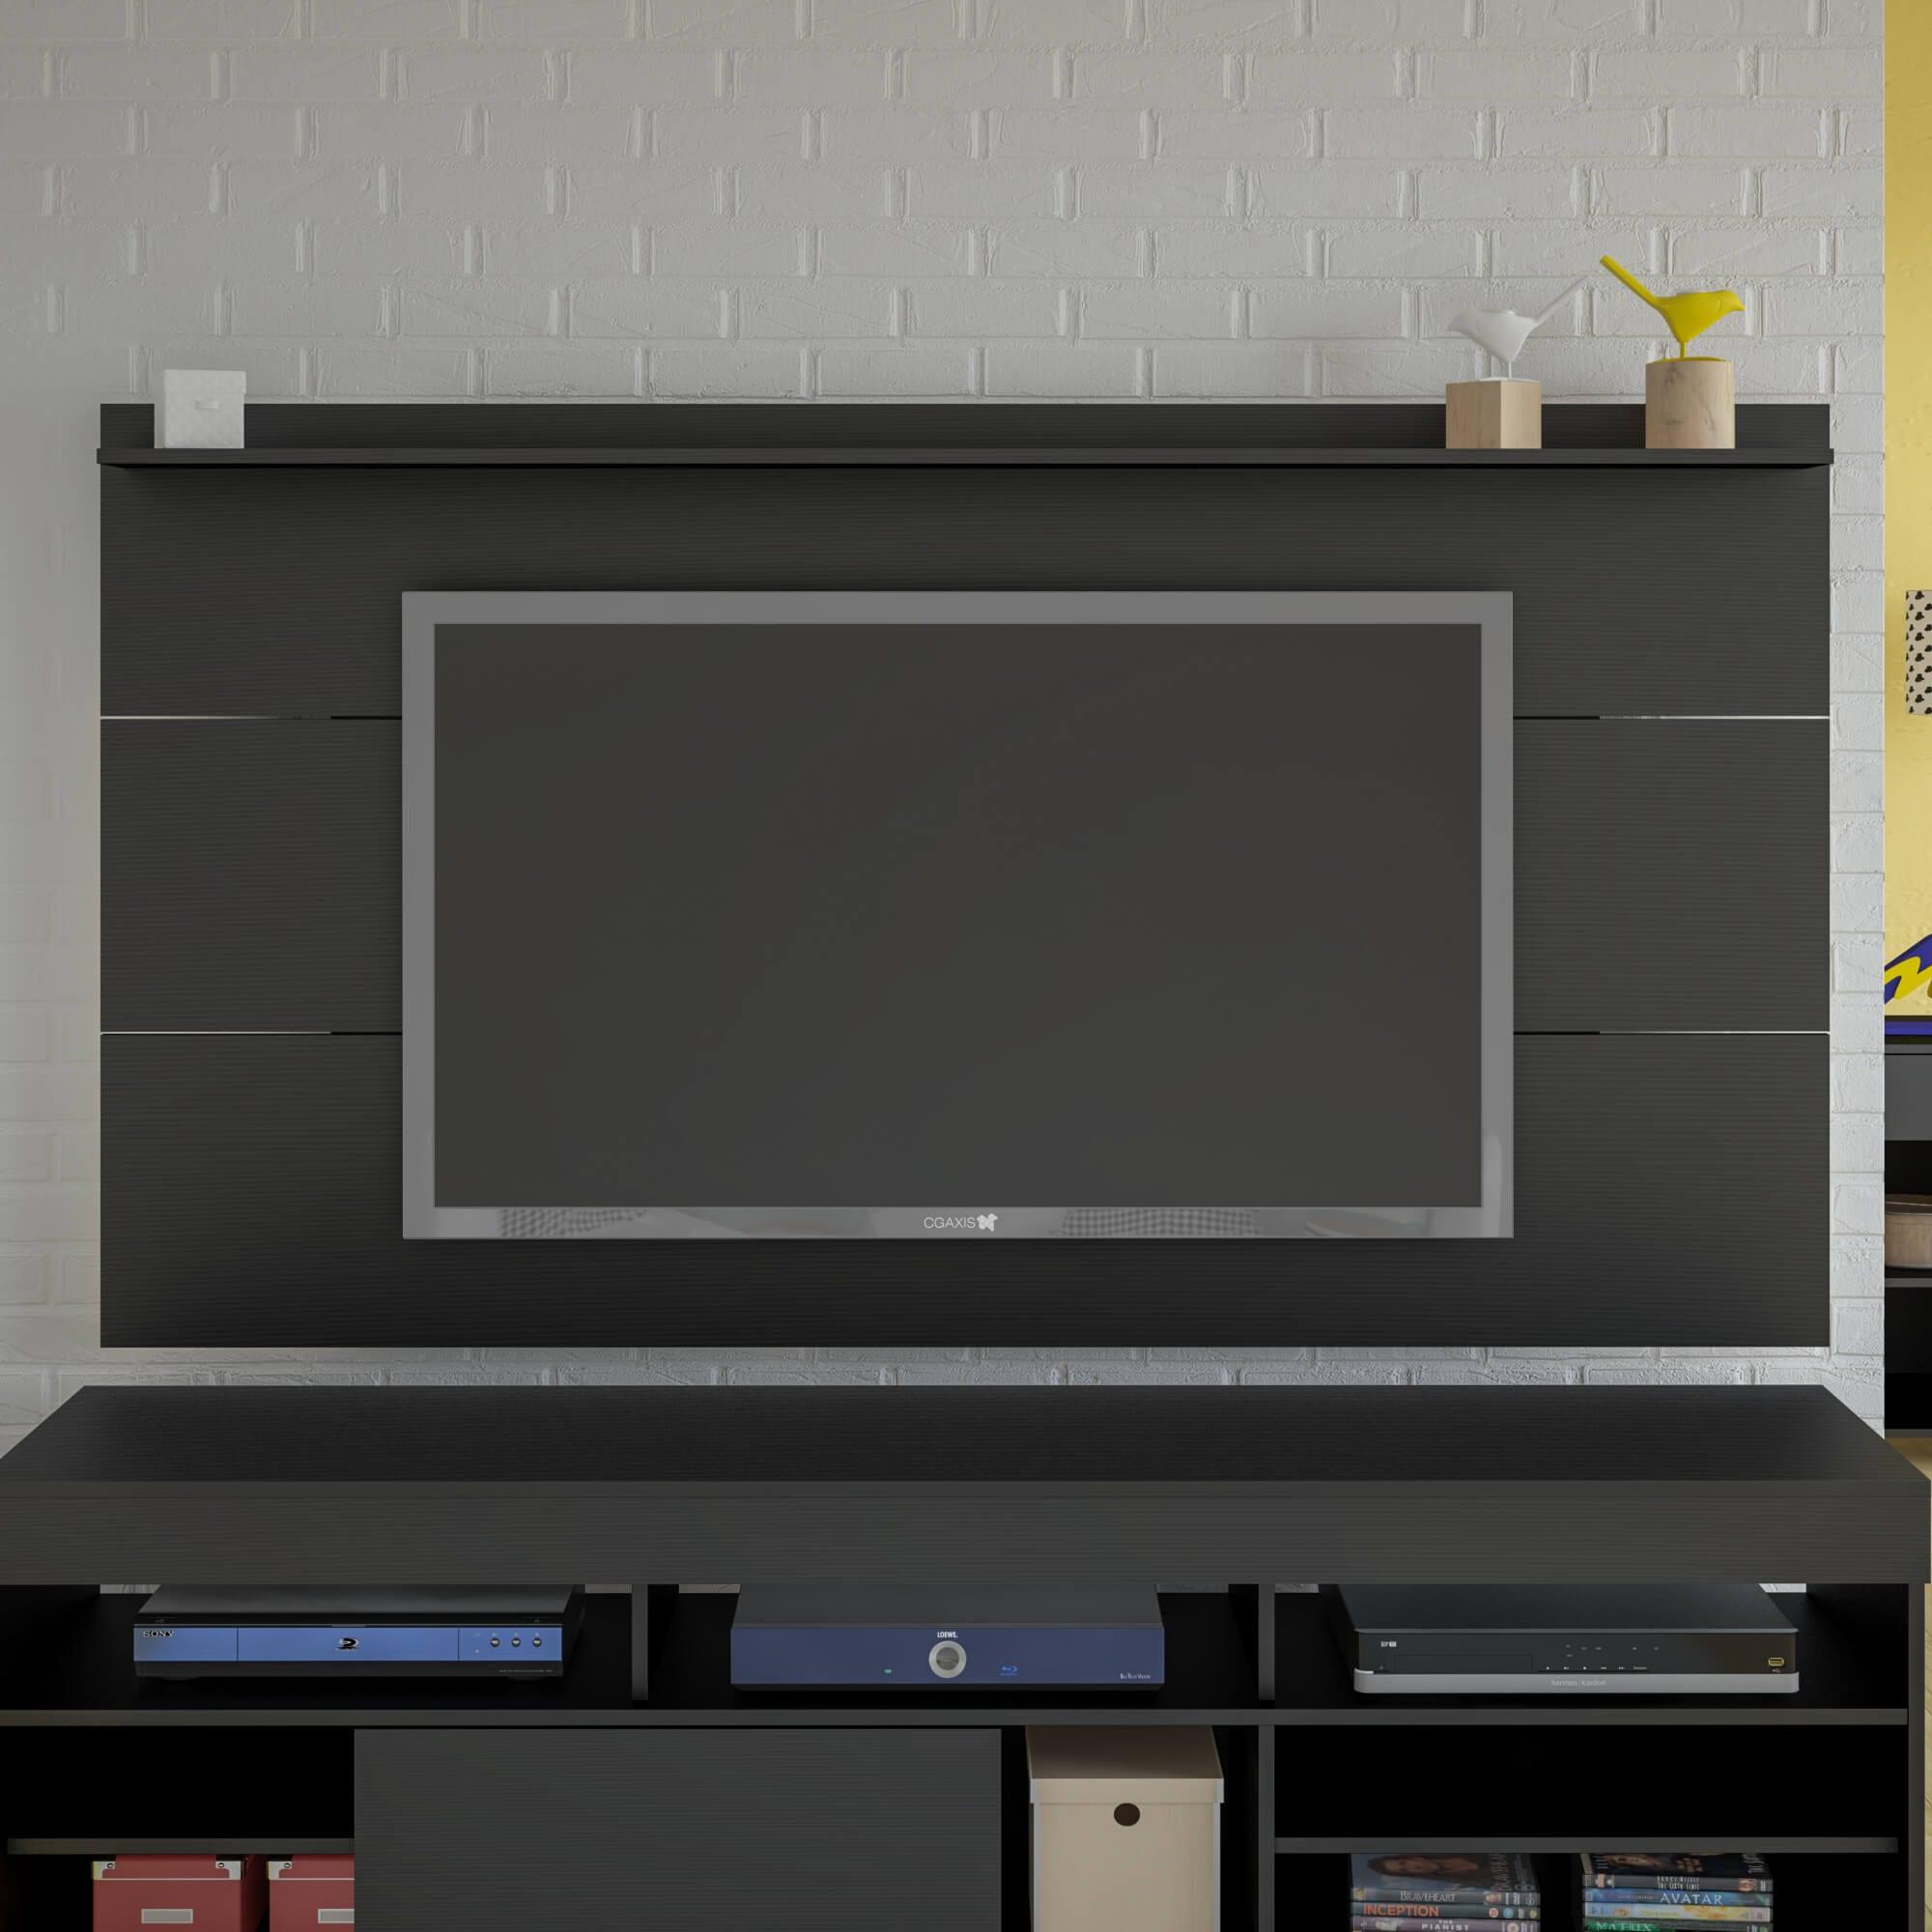 Painel Slim com suporte para TV - Artely